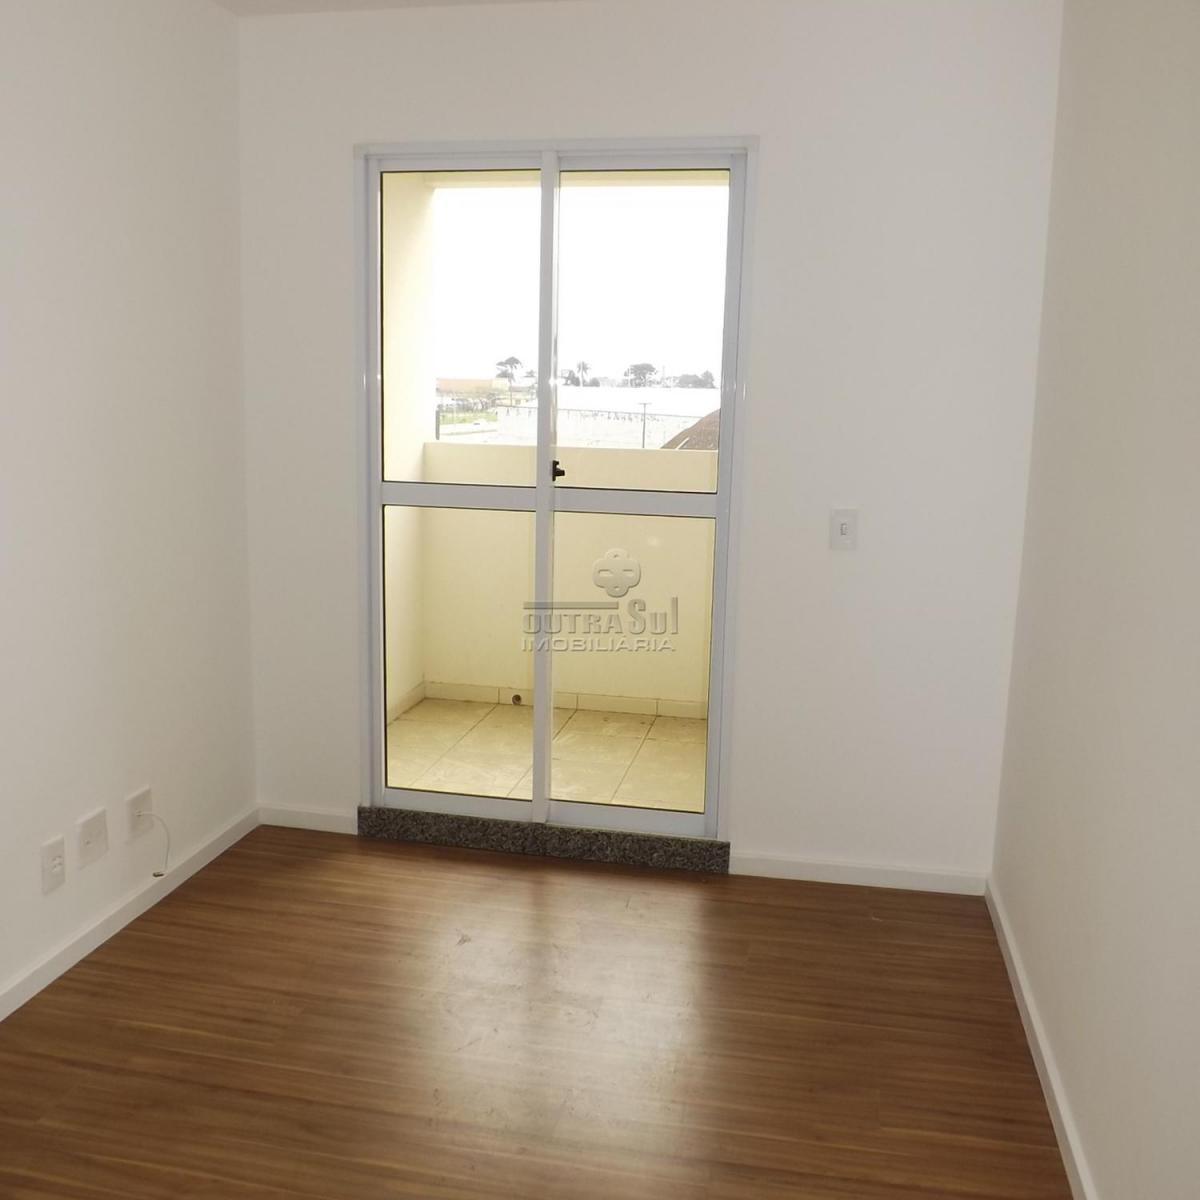 Imagens de #644429  para aluguel em xaxim rua francisco derosso 375 xaxim curitiba 1200x1200 px 3002 Box Banheiro Curitiba Xaxim